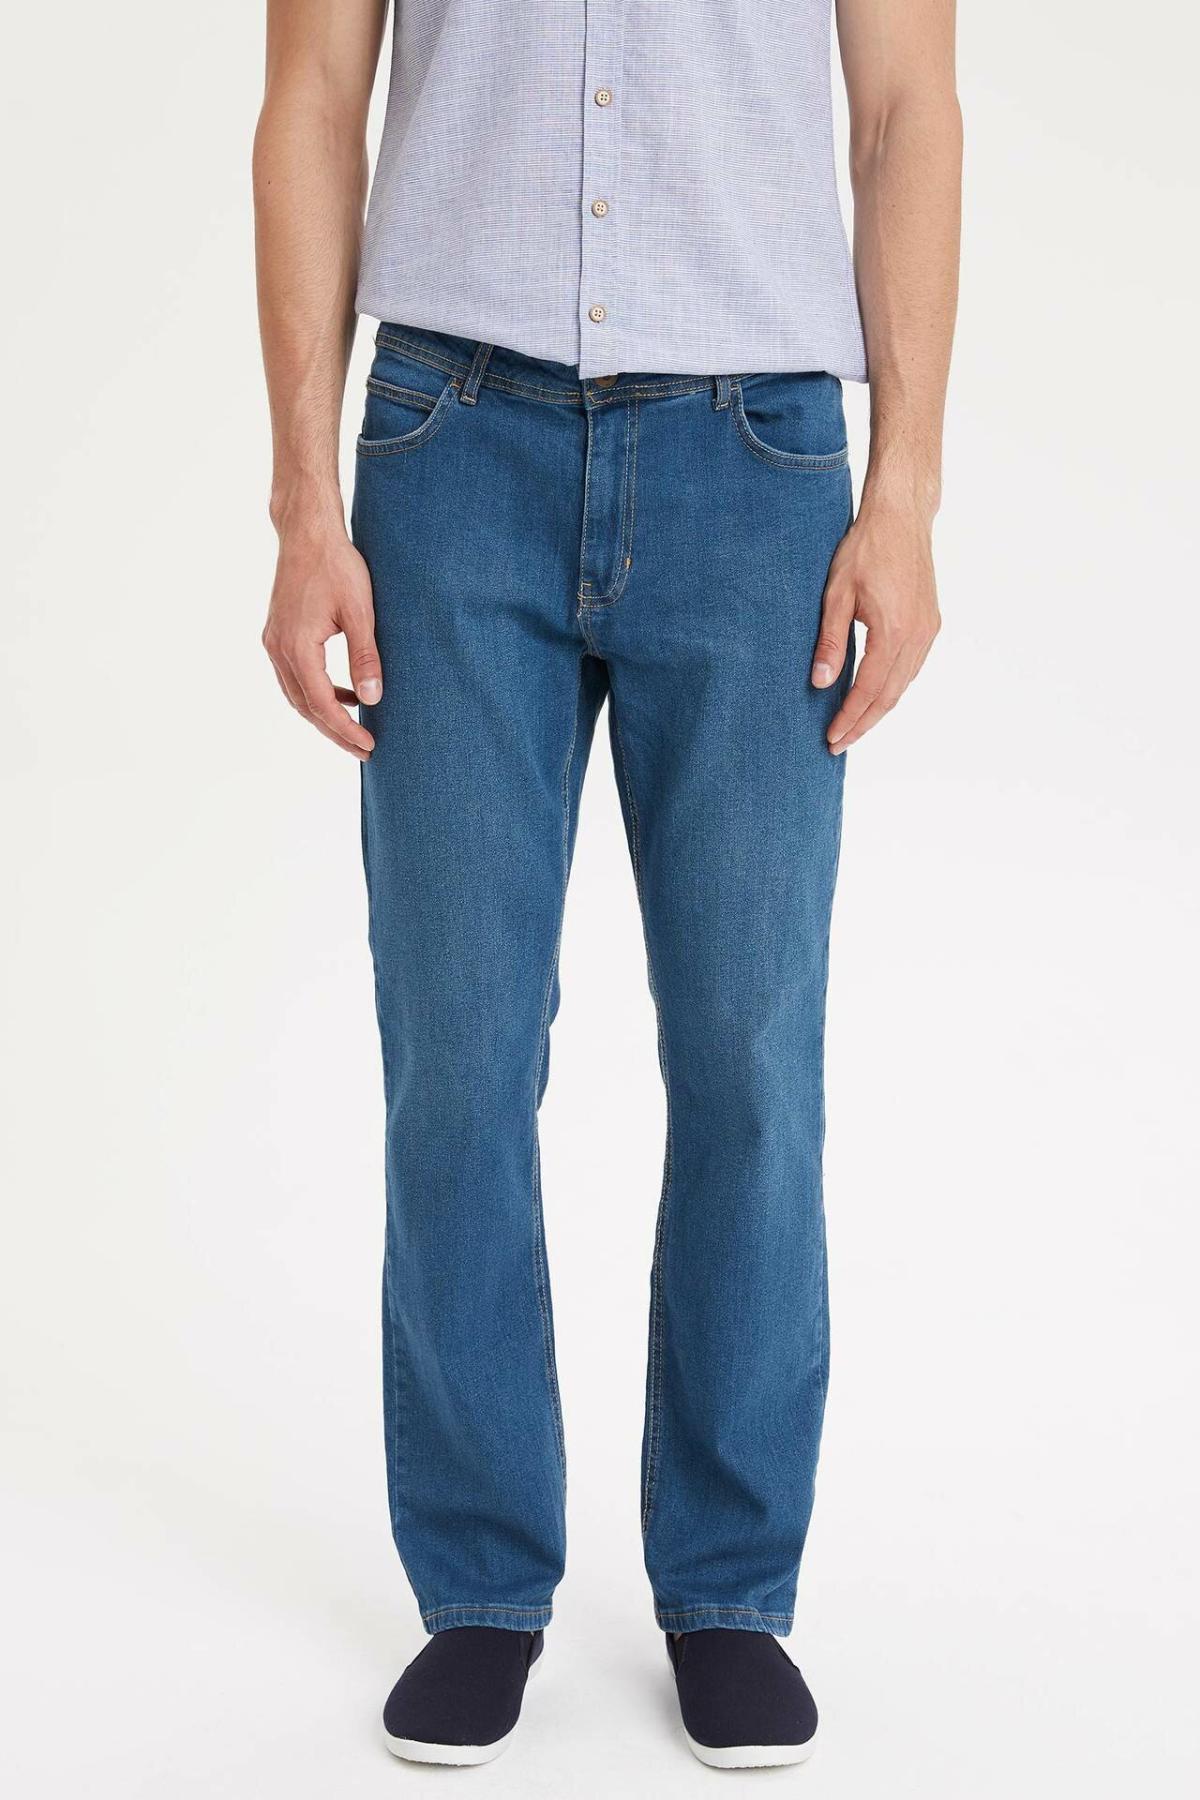 DeFacto Man Trousers-K9193AZ19SM